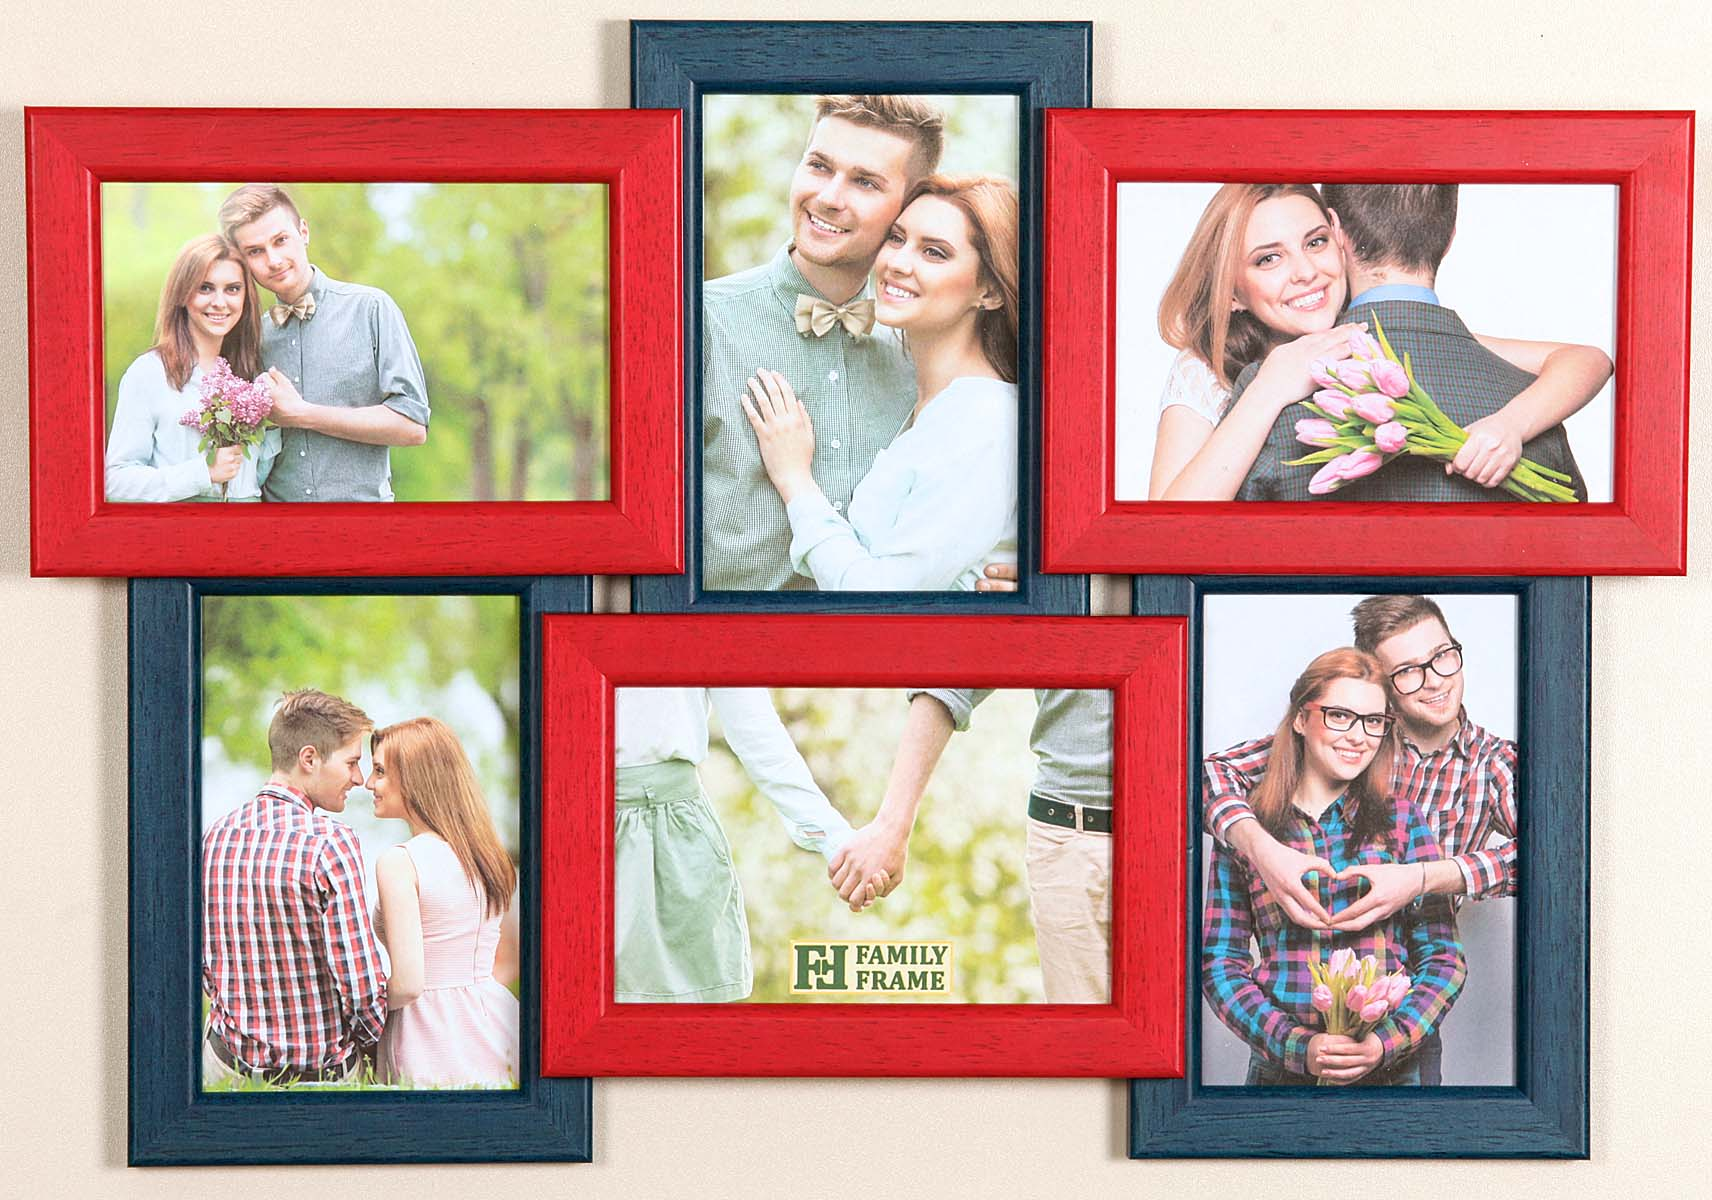 Цветы из бумаги своими руками: 4 мастер-класса, 70 фото и 2 видео 57